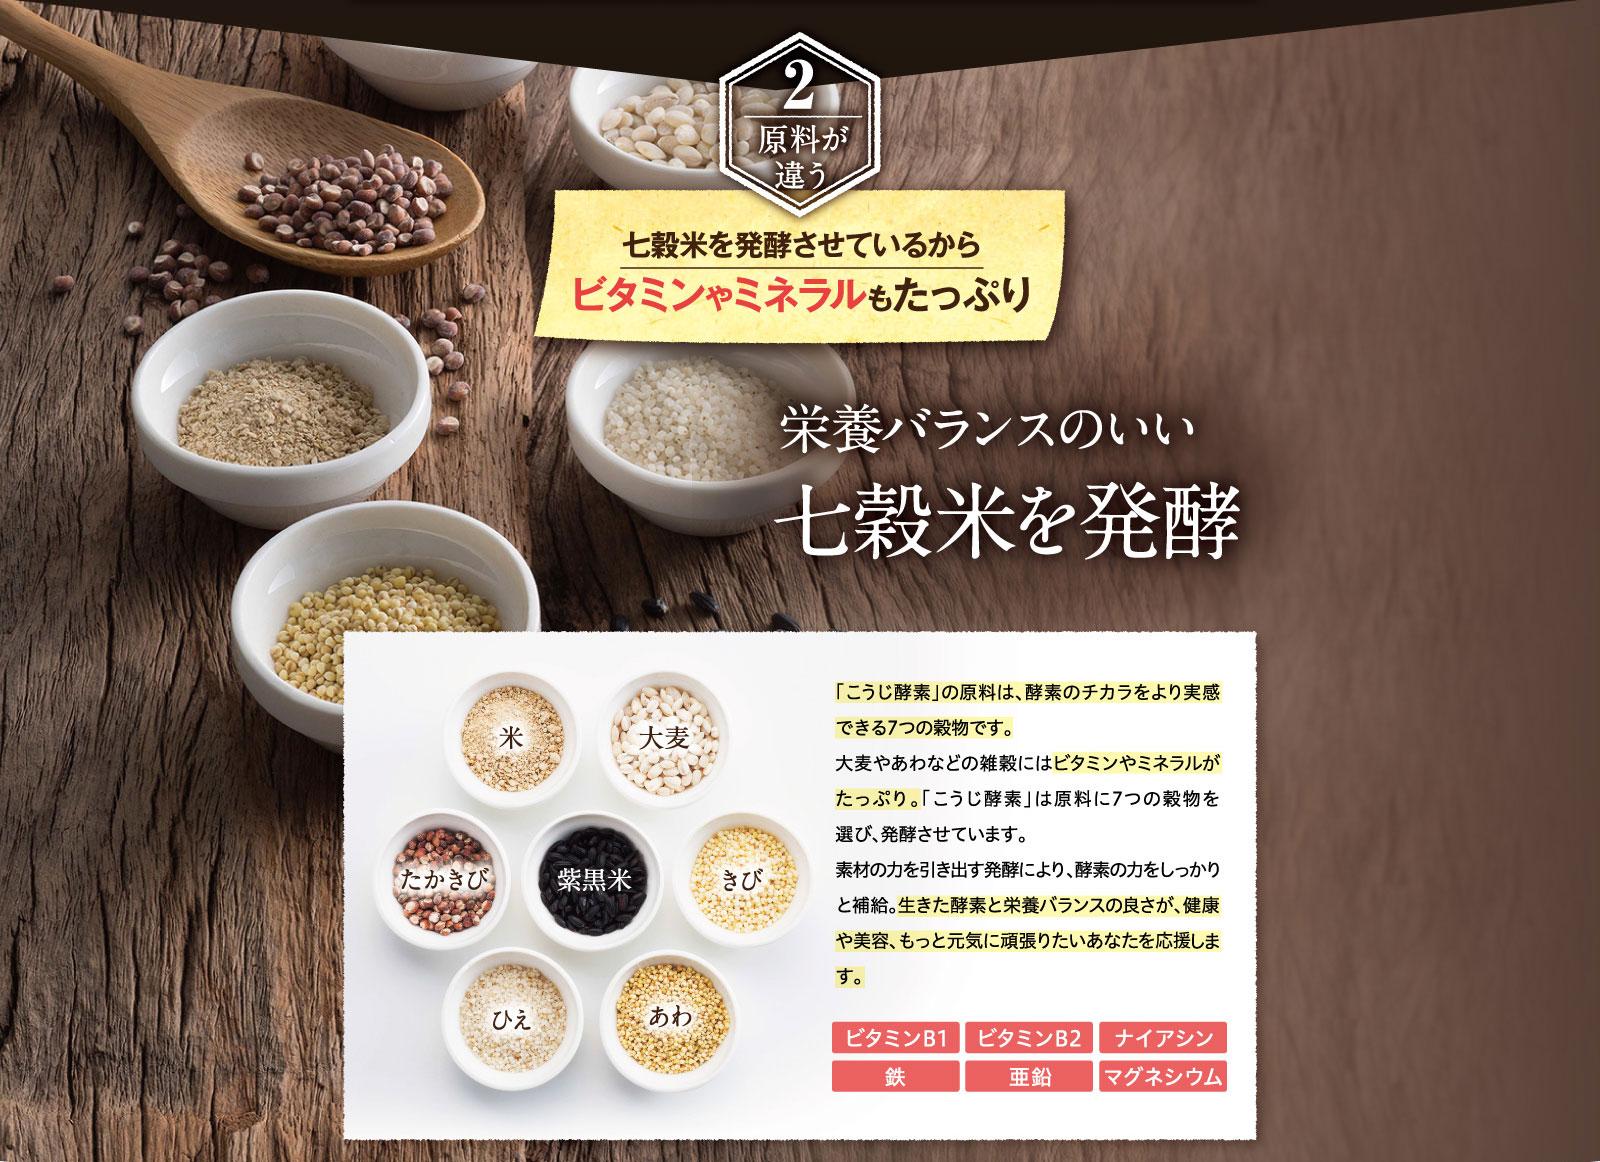 2.原料が違う 七穀米を発酵させているからビタミンやミネラルもたっぷり